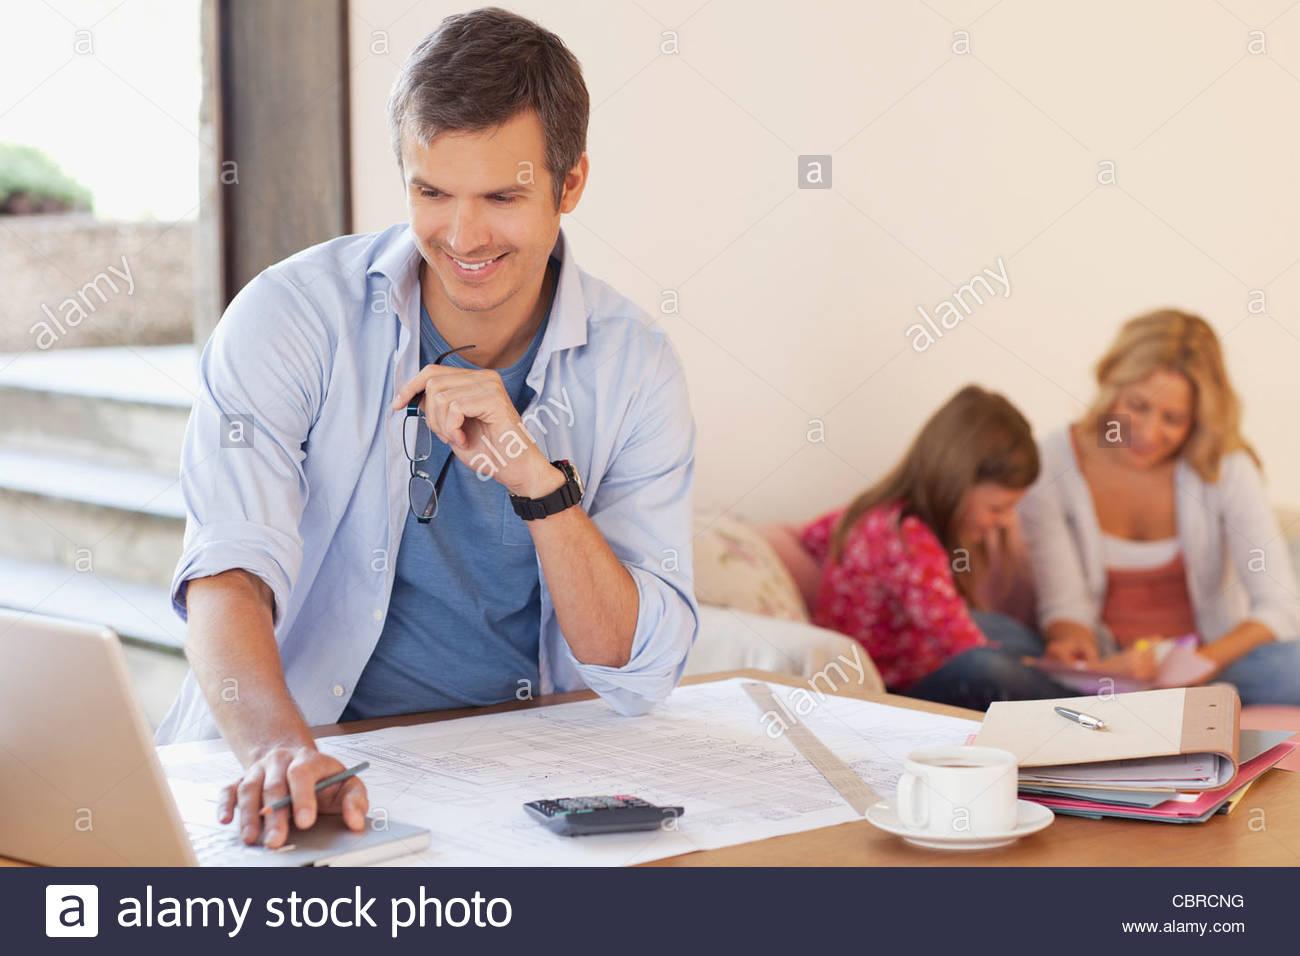 L'homme travaillant avec la famille en arrière-plan Photo Stock